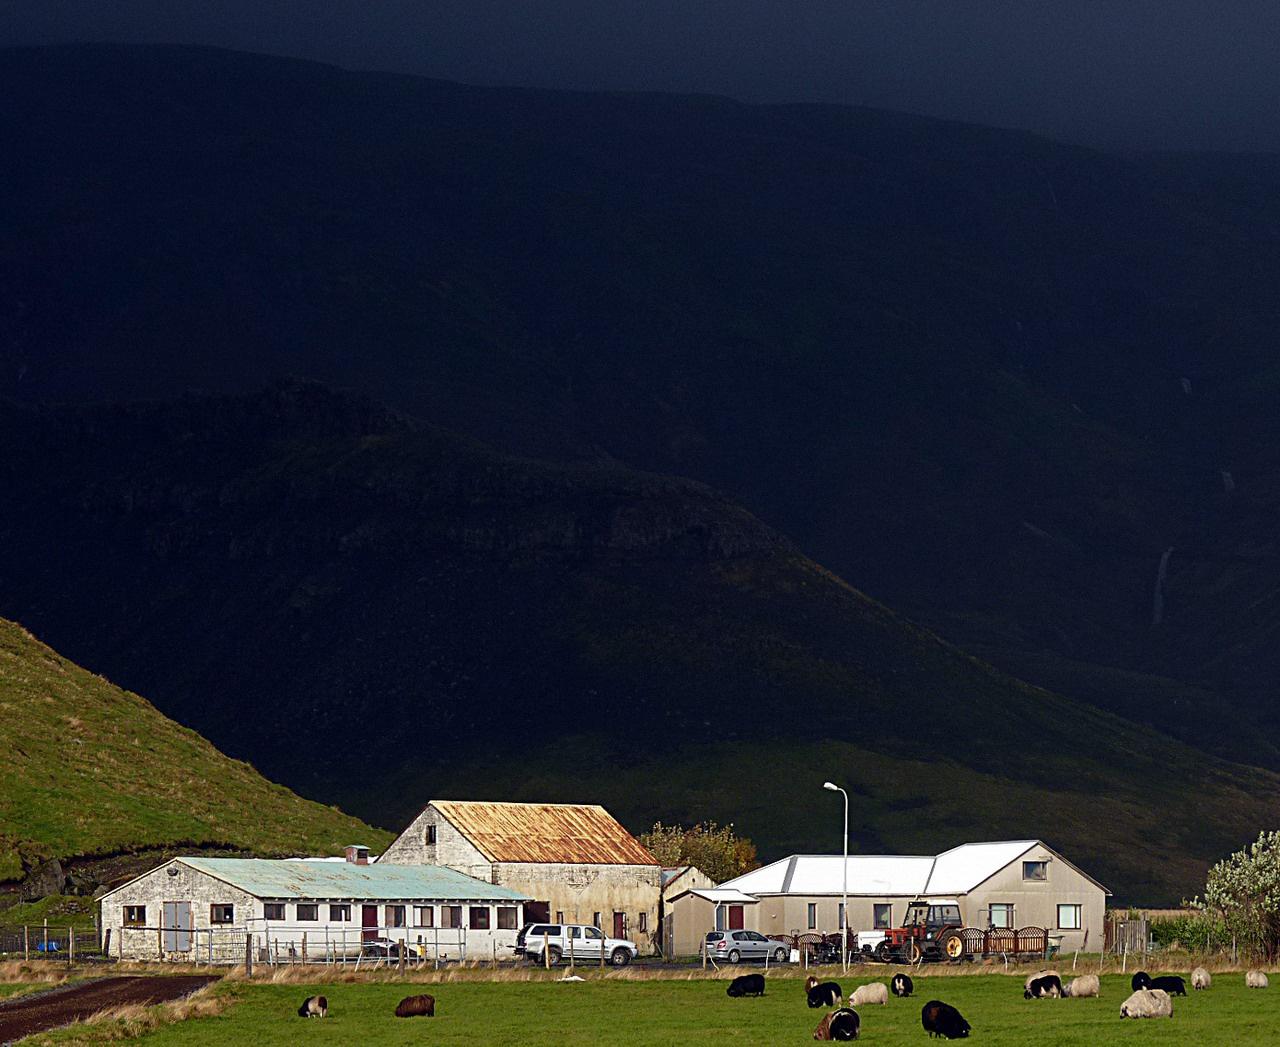 A Thorvaldseyri farm az 1-es főút mentén. Az áramot a közelben folyó hegyi patakra telepített kis házierőművel termelik, az állattartás mellett növénytermesztéssel is foglalkoznak a tengerpart mentén húzódó sík földeken